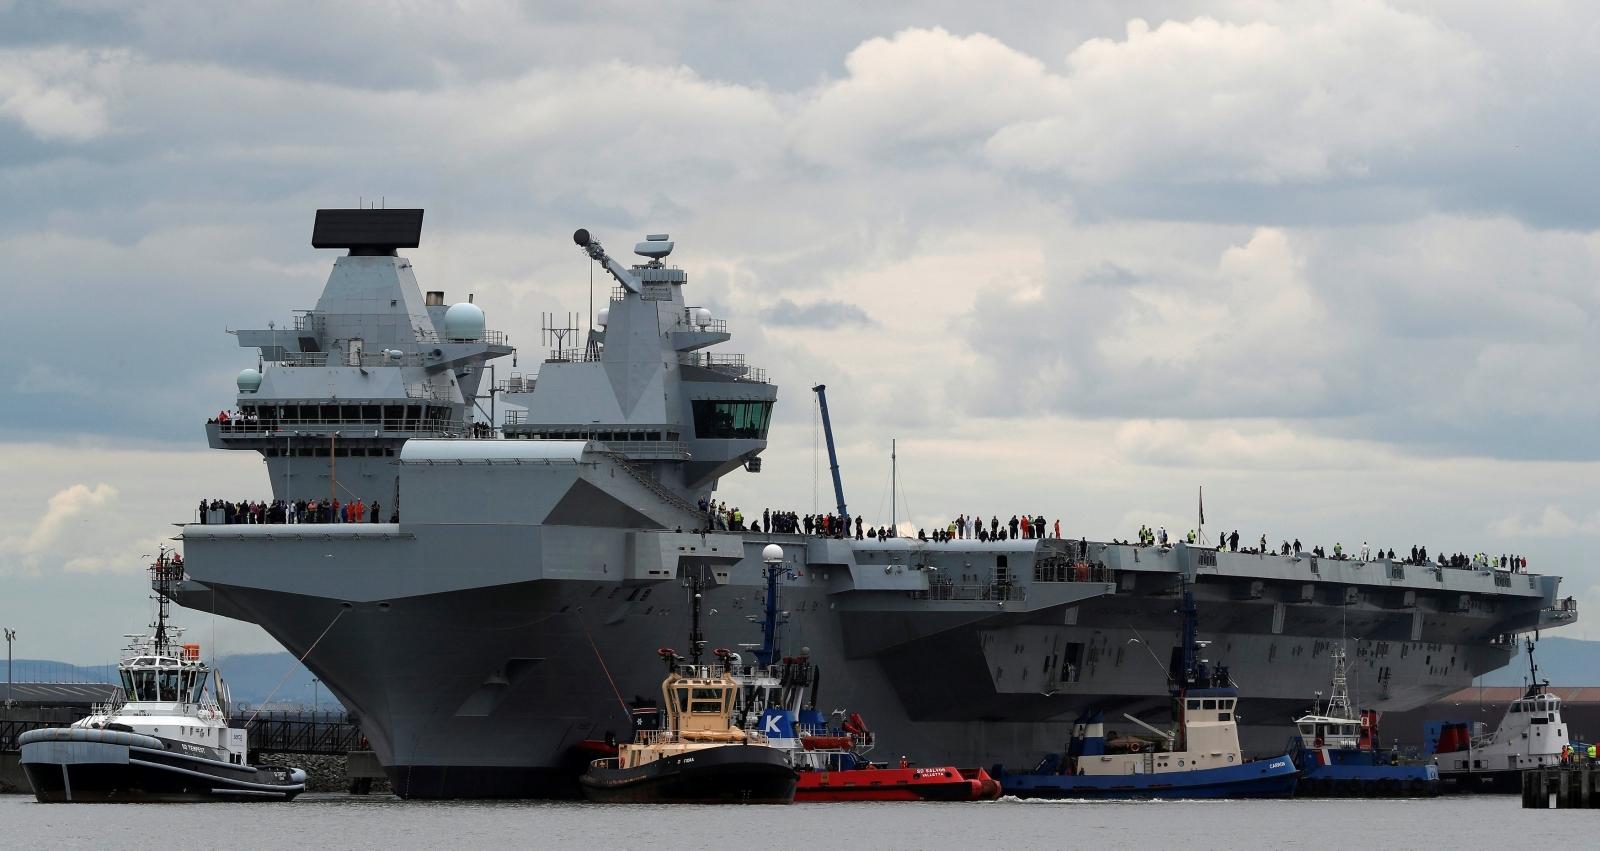 British aircraft carrier HMS Queen Elizabeth